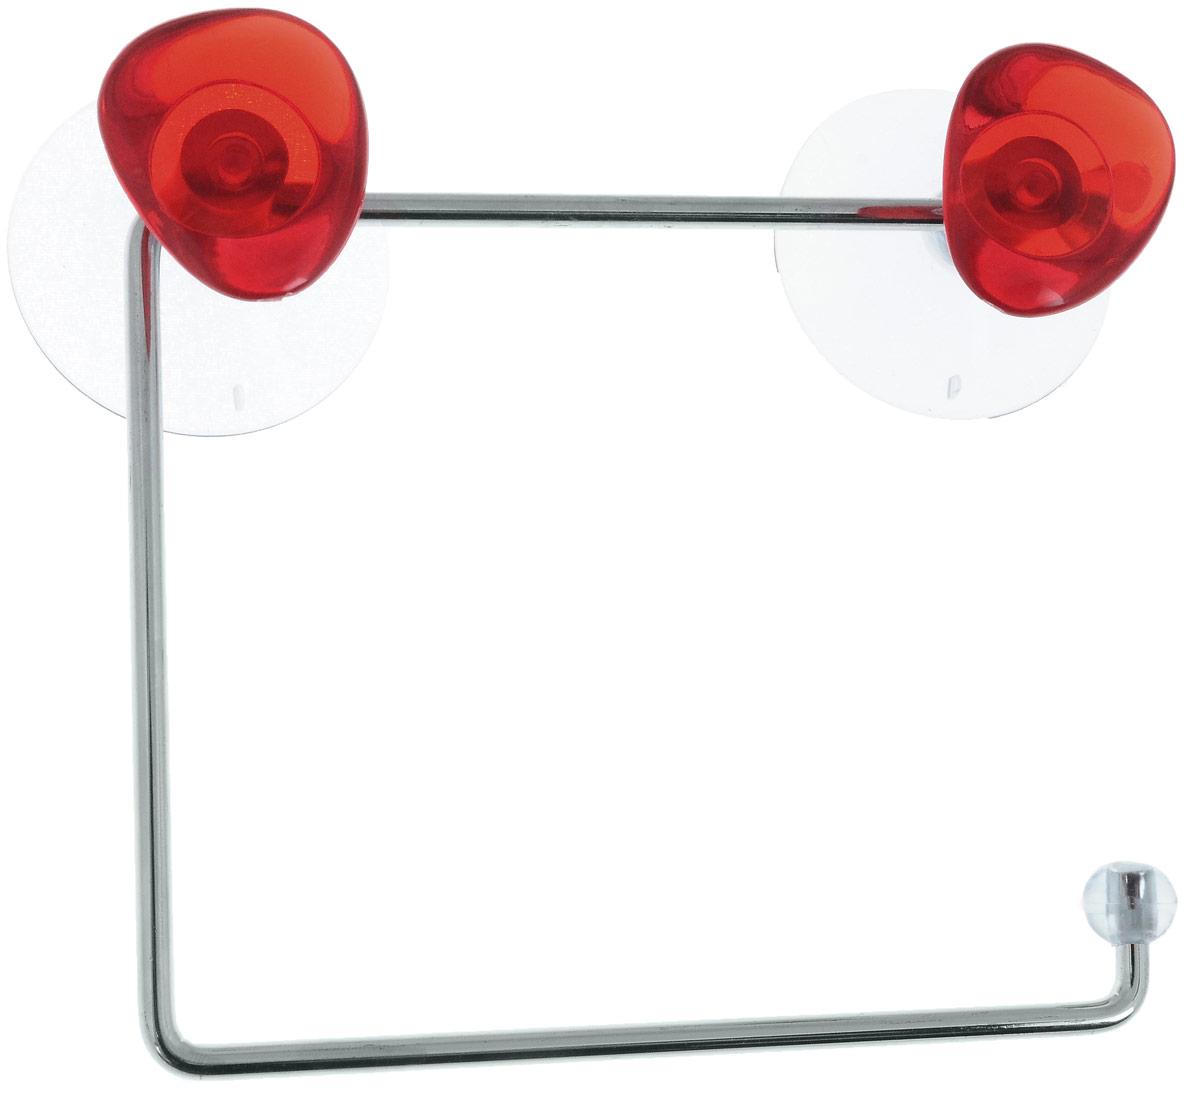 Держатель для туалетной бумаги Axentia Amica, на присосках, цвет: красный, стальной282032_красныйДержатель для туалетной бумаги Axentia Amica изготовлен из высококачественной стали с хромированным покрытием, которое устойчиво к влажности и перепадам температуры. Держатель поможет оформить интерьер в выбранном стиле, разбавляя пространство туалетной комнаты различными элементами. Он хорошо впишется в любой интерьер, придавая ему черты современности. Для большего удобства изделие крепится к поверхностям с помощью двух присосок из поливинилхлорида (входят в комплект), что дает возможность при необходимости менять их месторасположение. Размер держателя: 14,5 х 12,5 х 4,5 см. Диаметр присоски: 5,5 см.